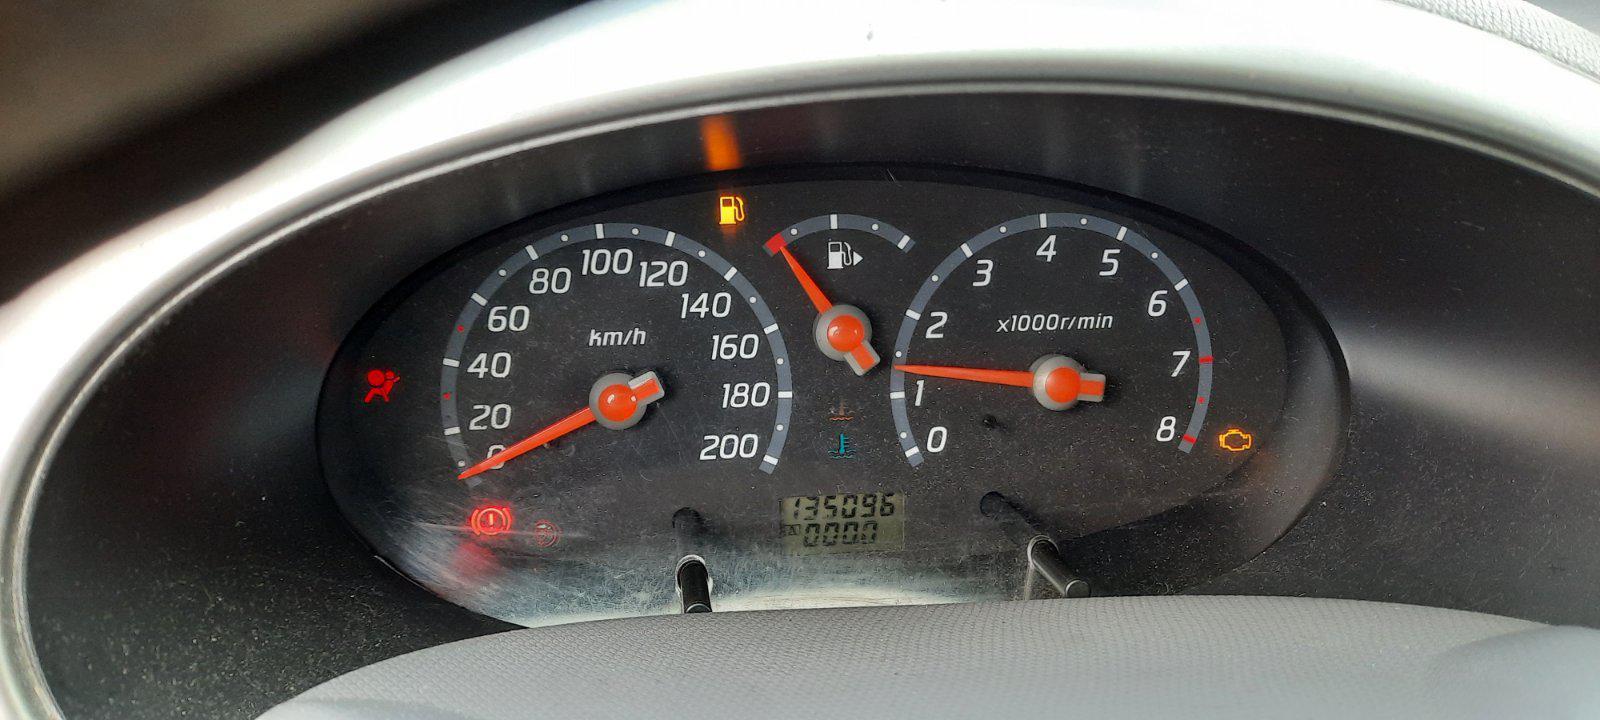 Подержанные Автозапчасти Nissan MICRA 2003 1.2 машиностроение хэтчбэк 2/3 d. Браун 2021-2-25